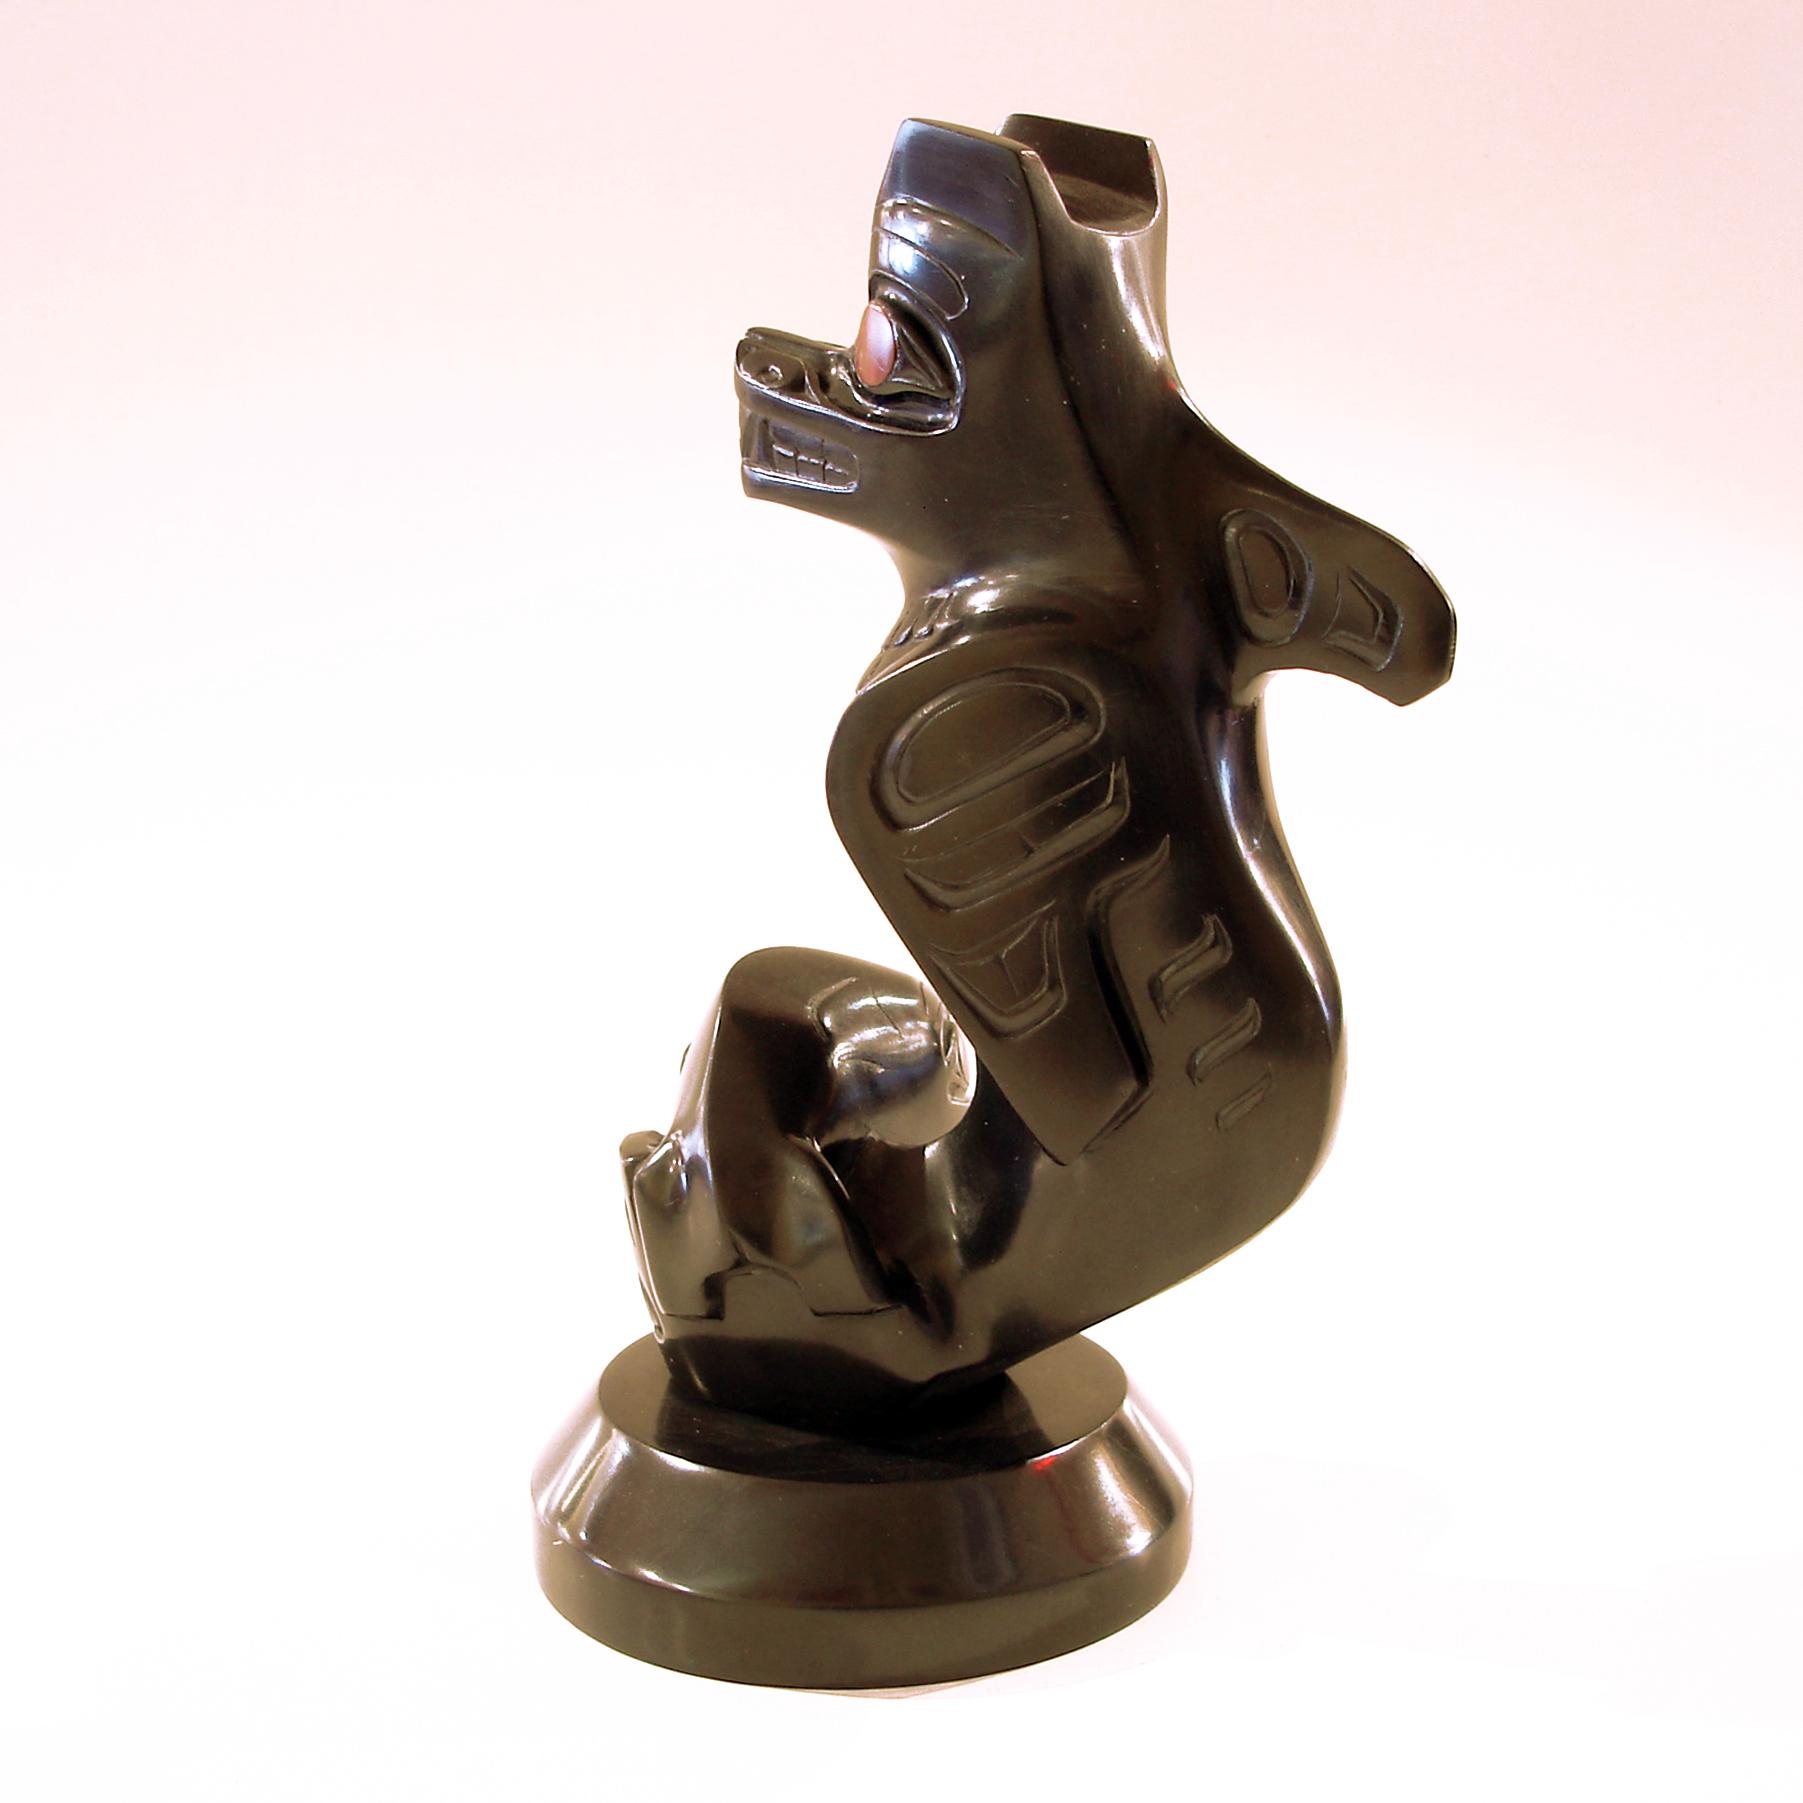 Argillite wasgo sculpture by greg white